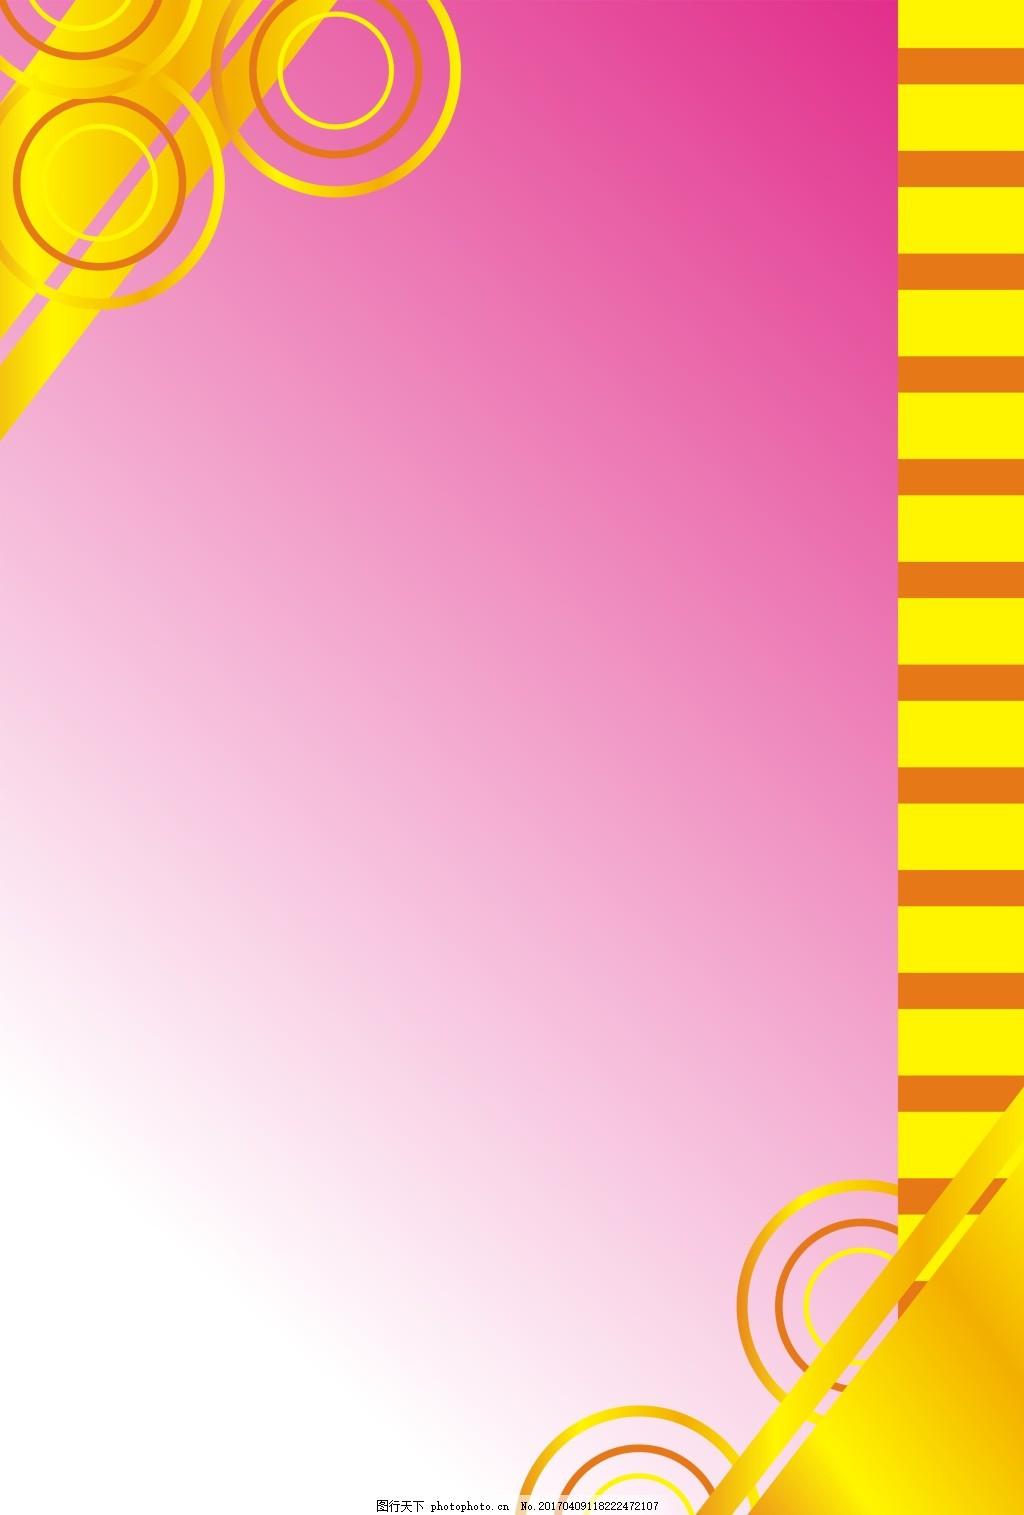 复古手绘粉色相框